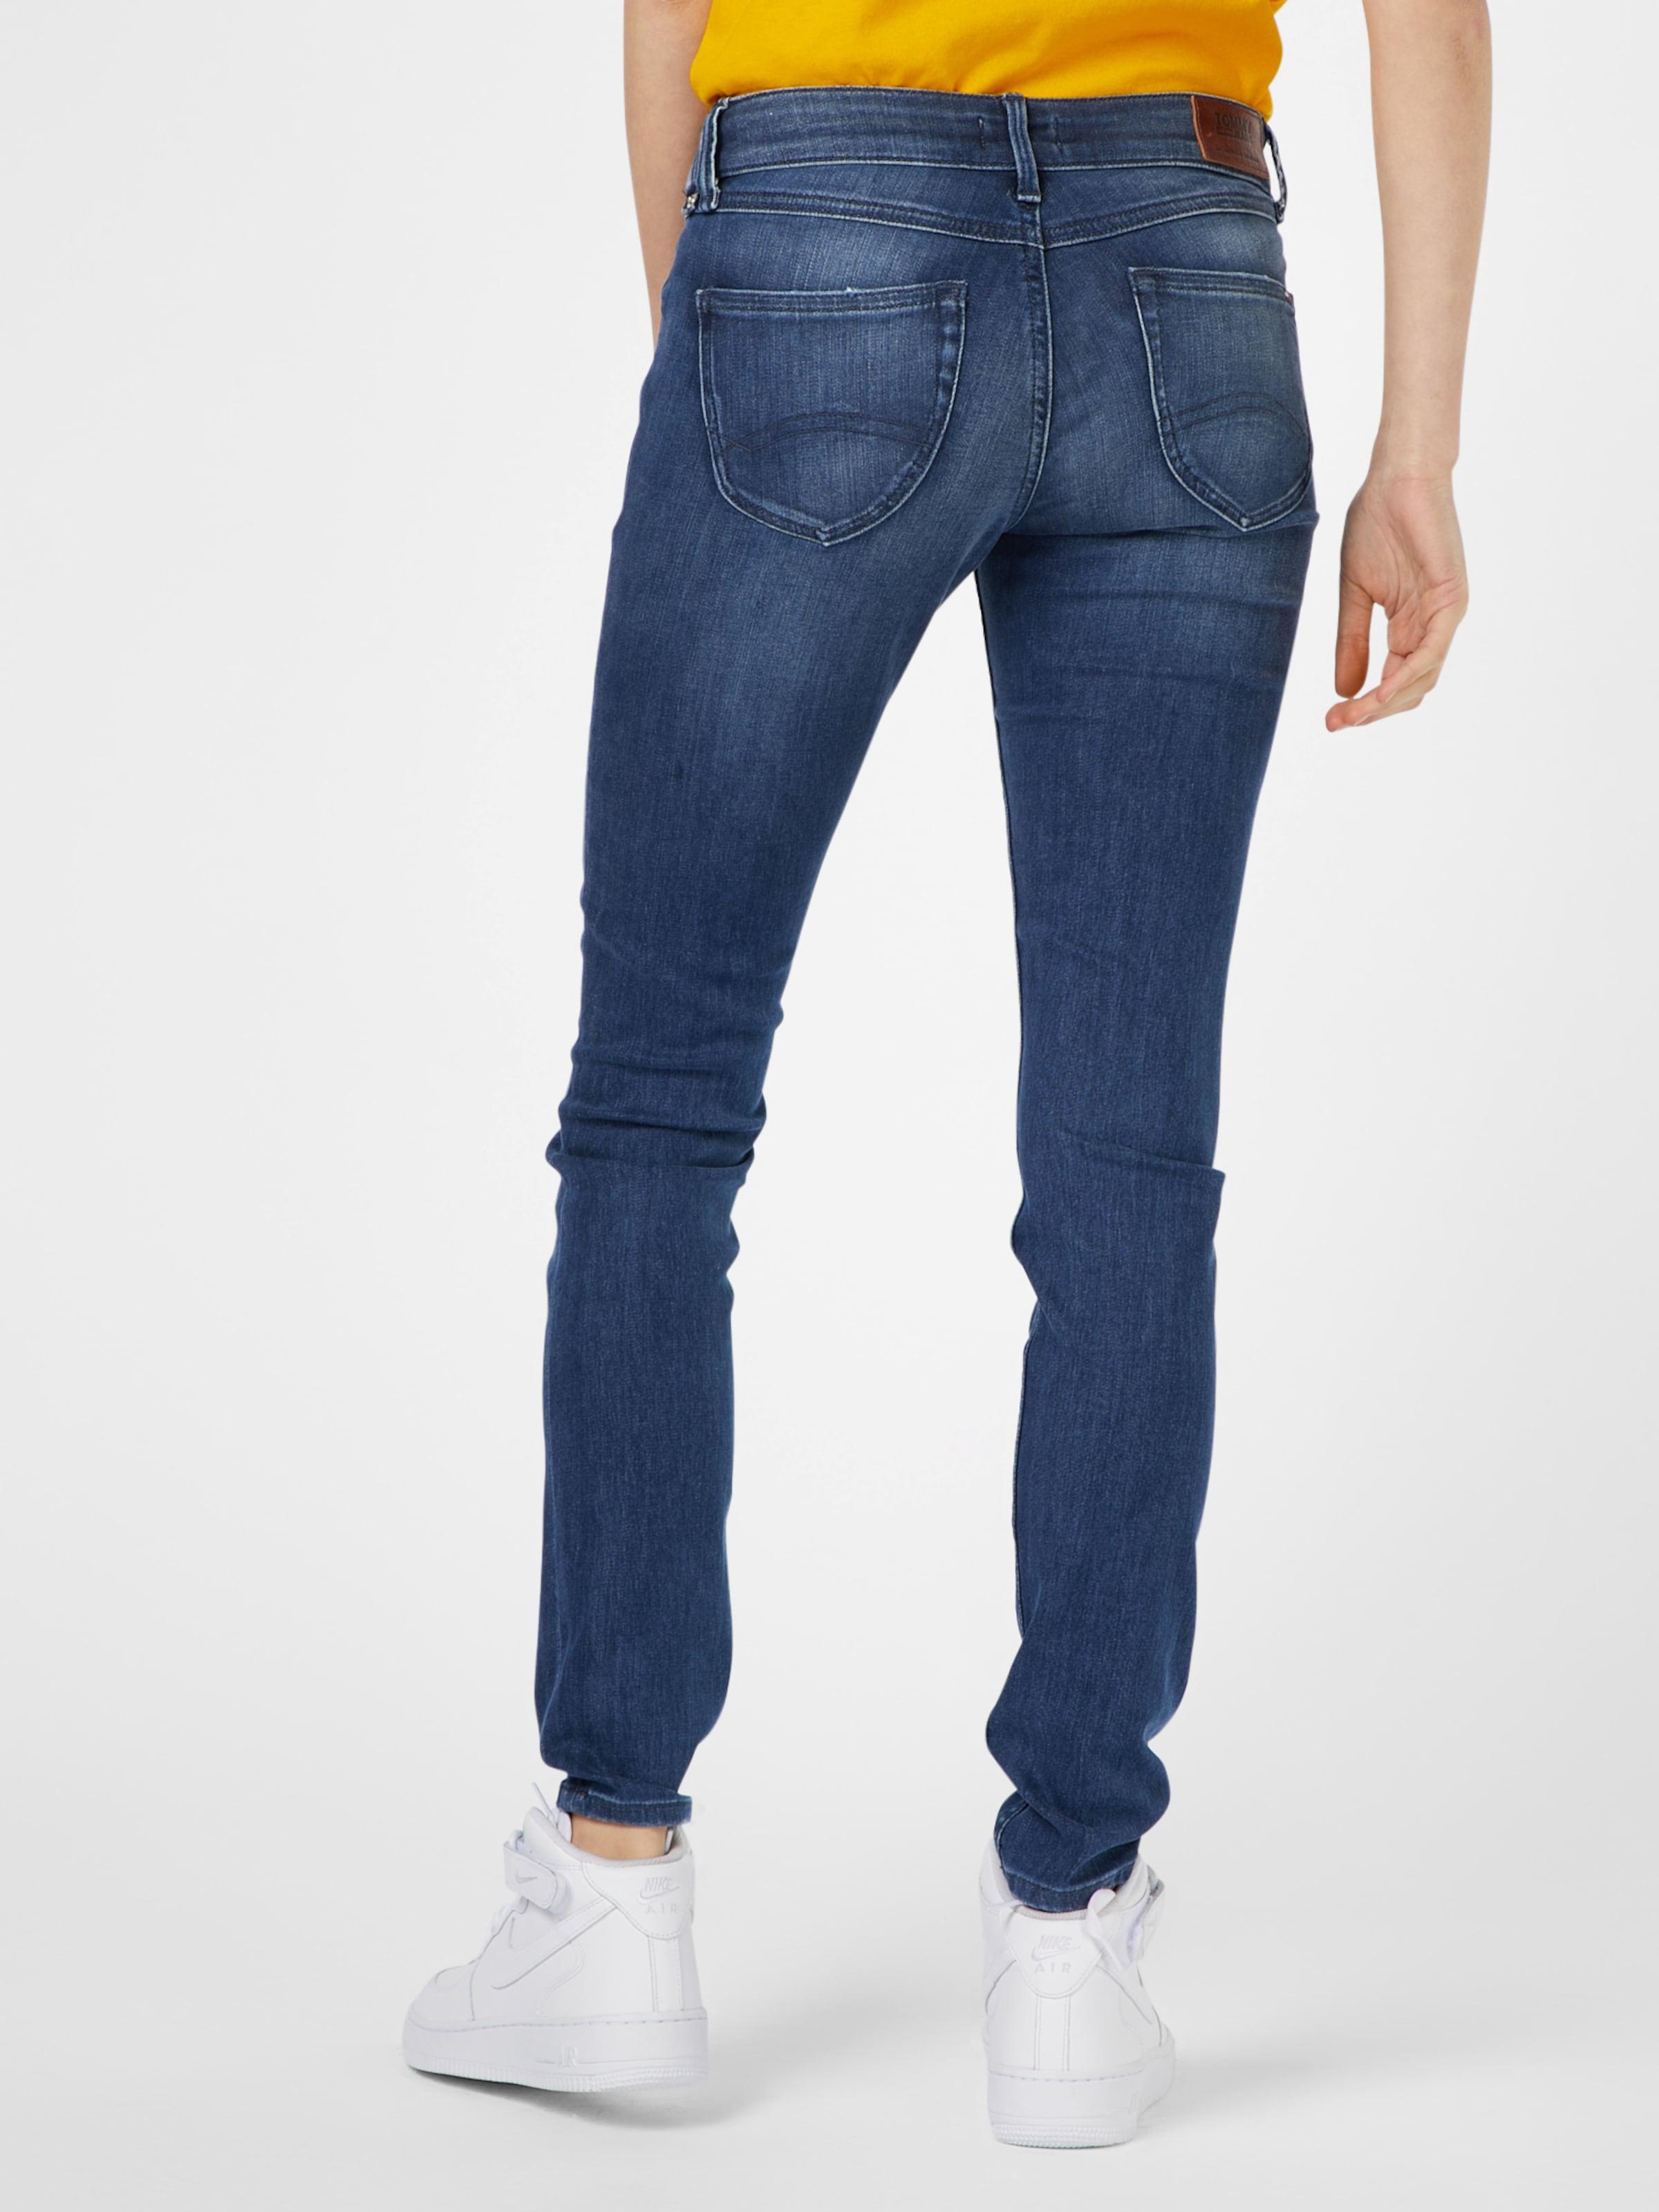 Tommy Jeans 'sophie Scst' In Blauw Denim OkX08NnwPZ